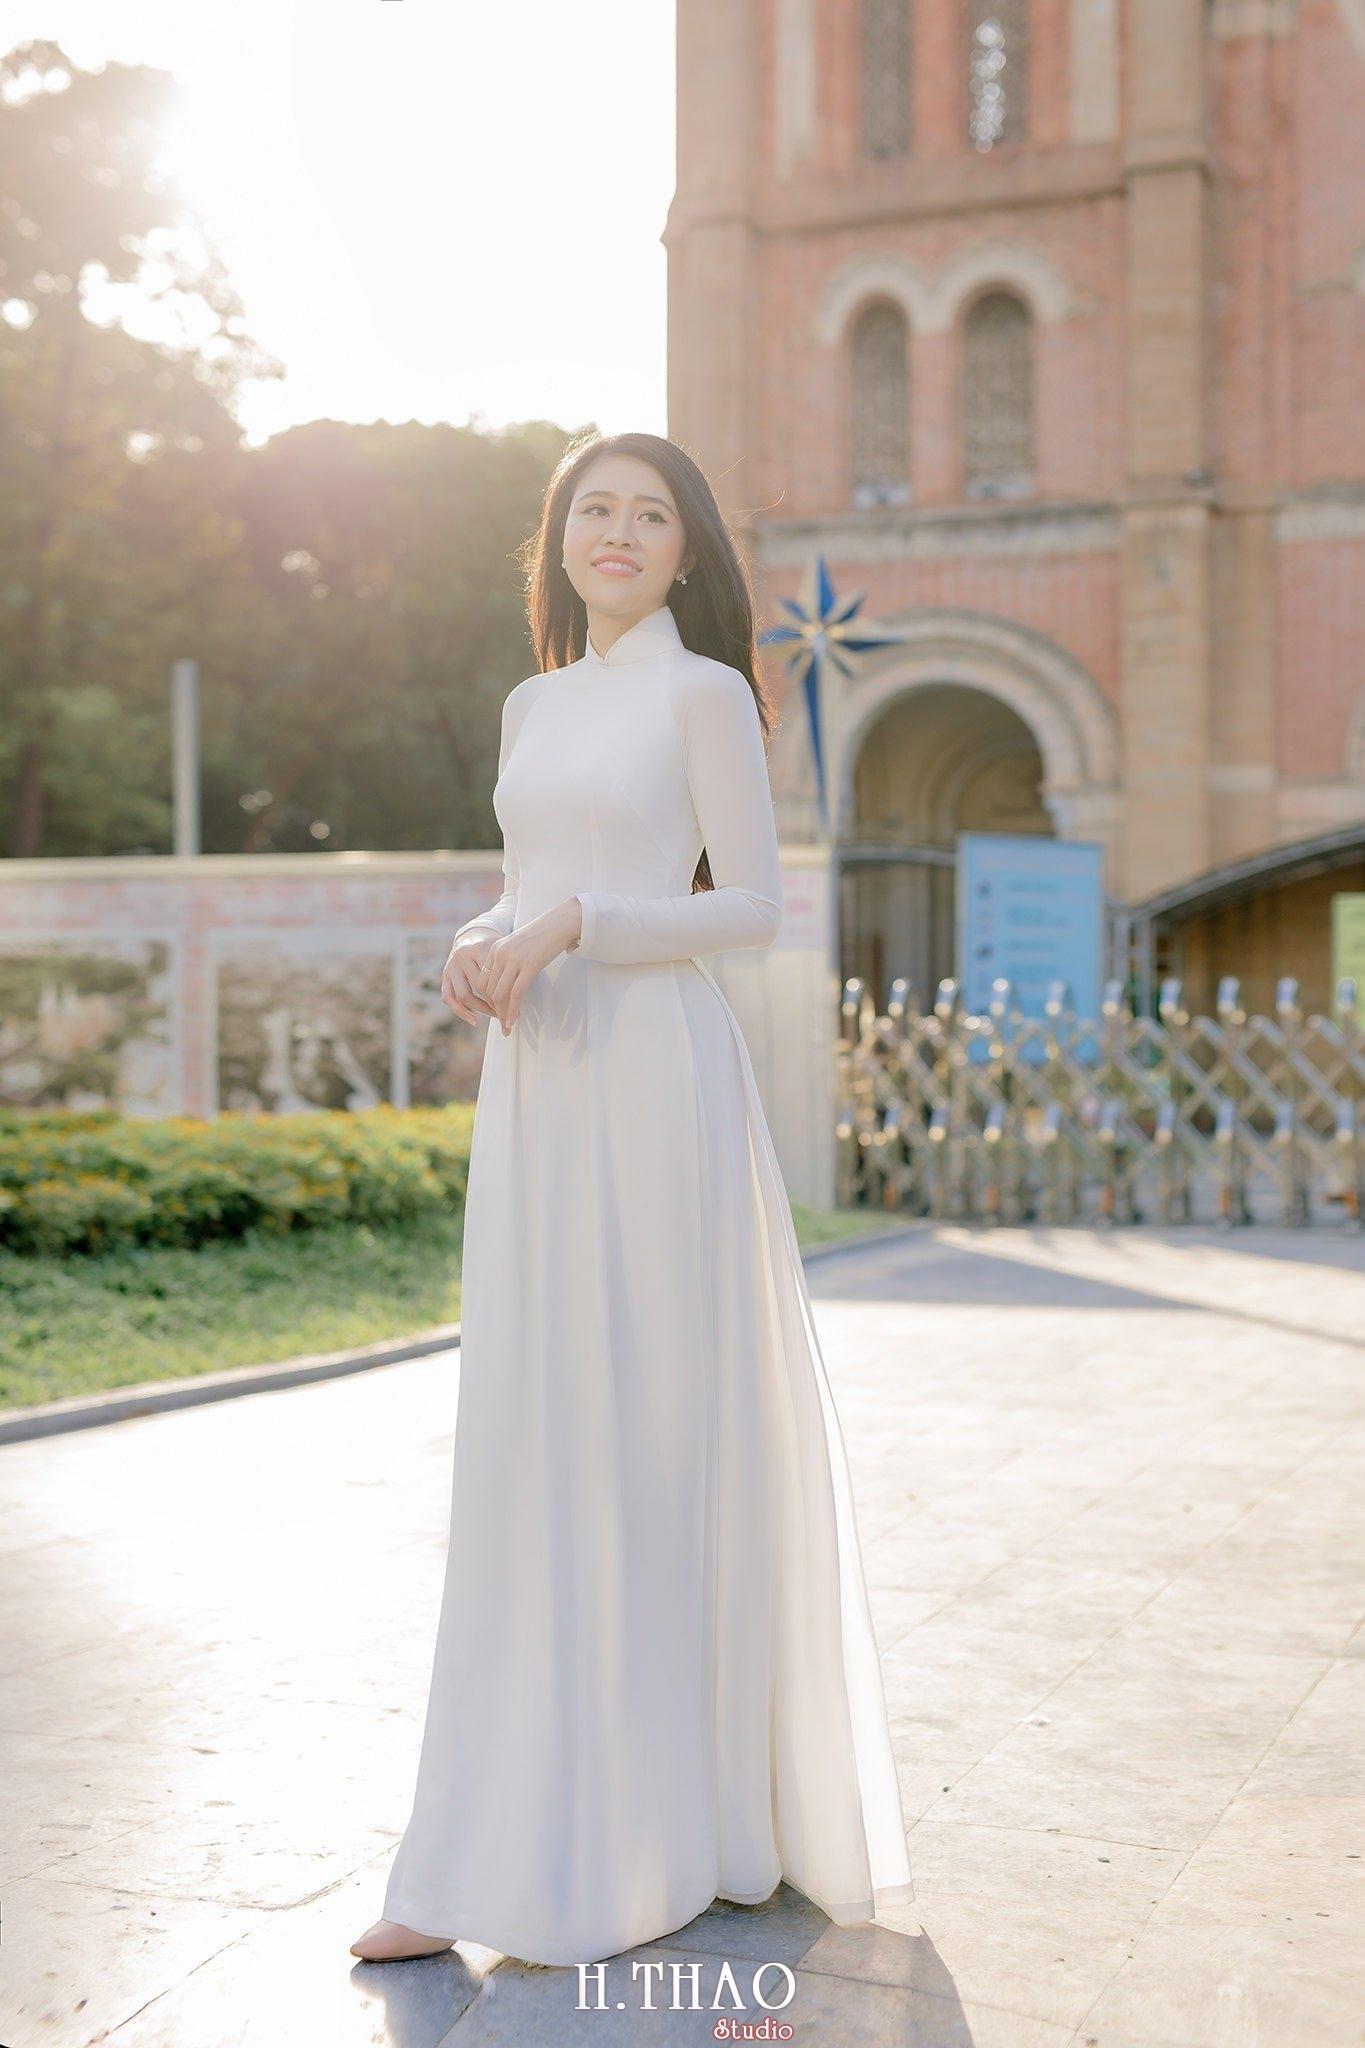 chụp ảnh áo dài ở nhà thờ đức bà